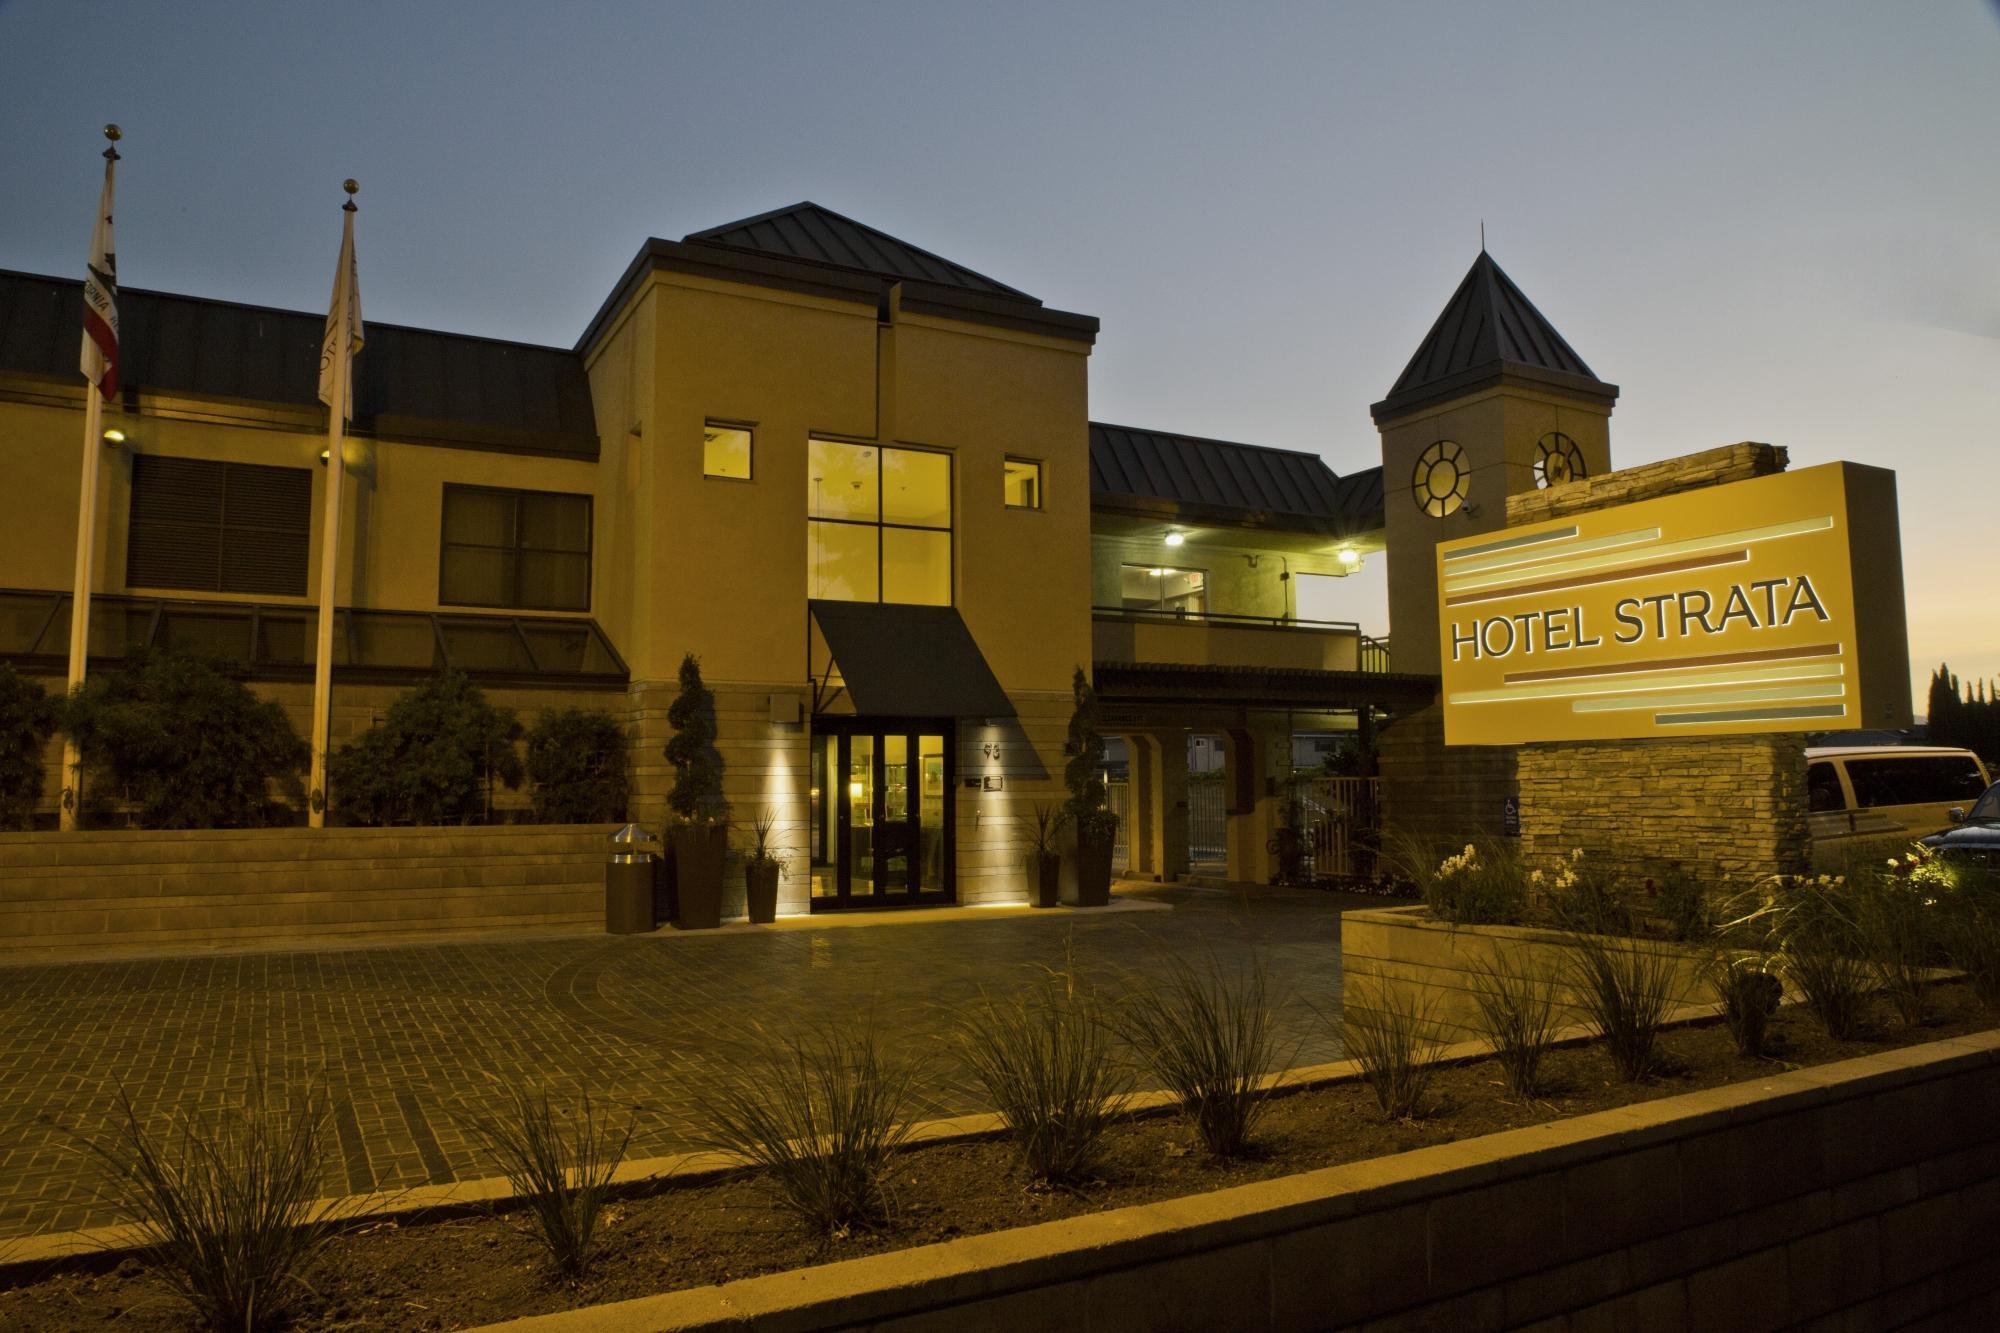 Hotel Strata Mountain View